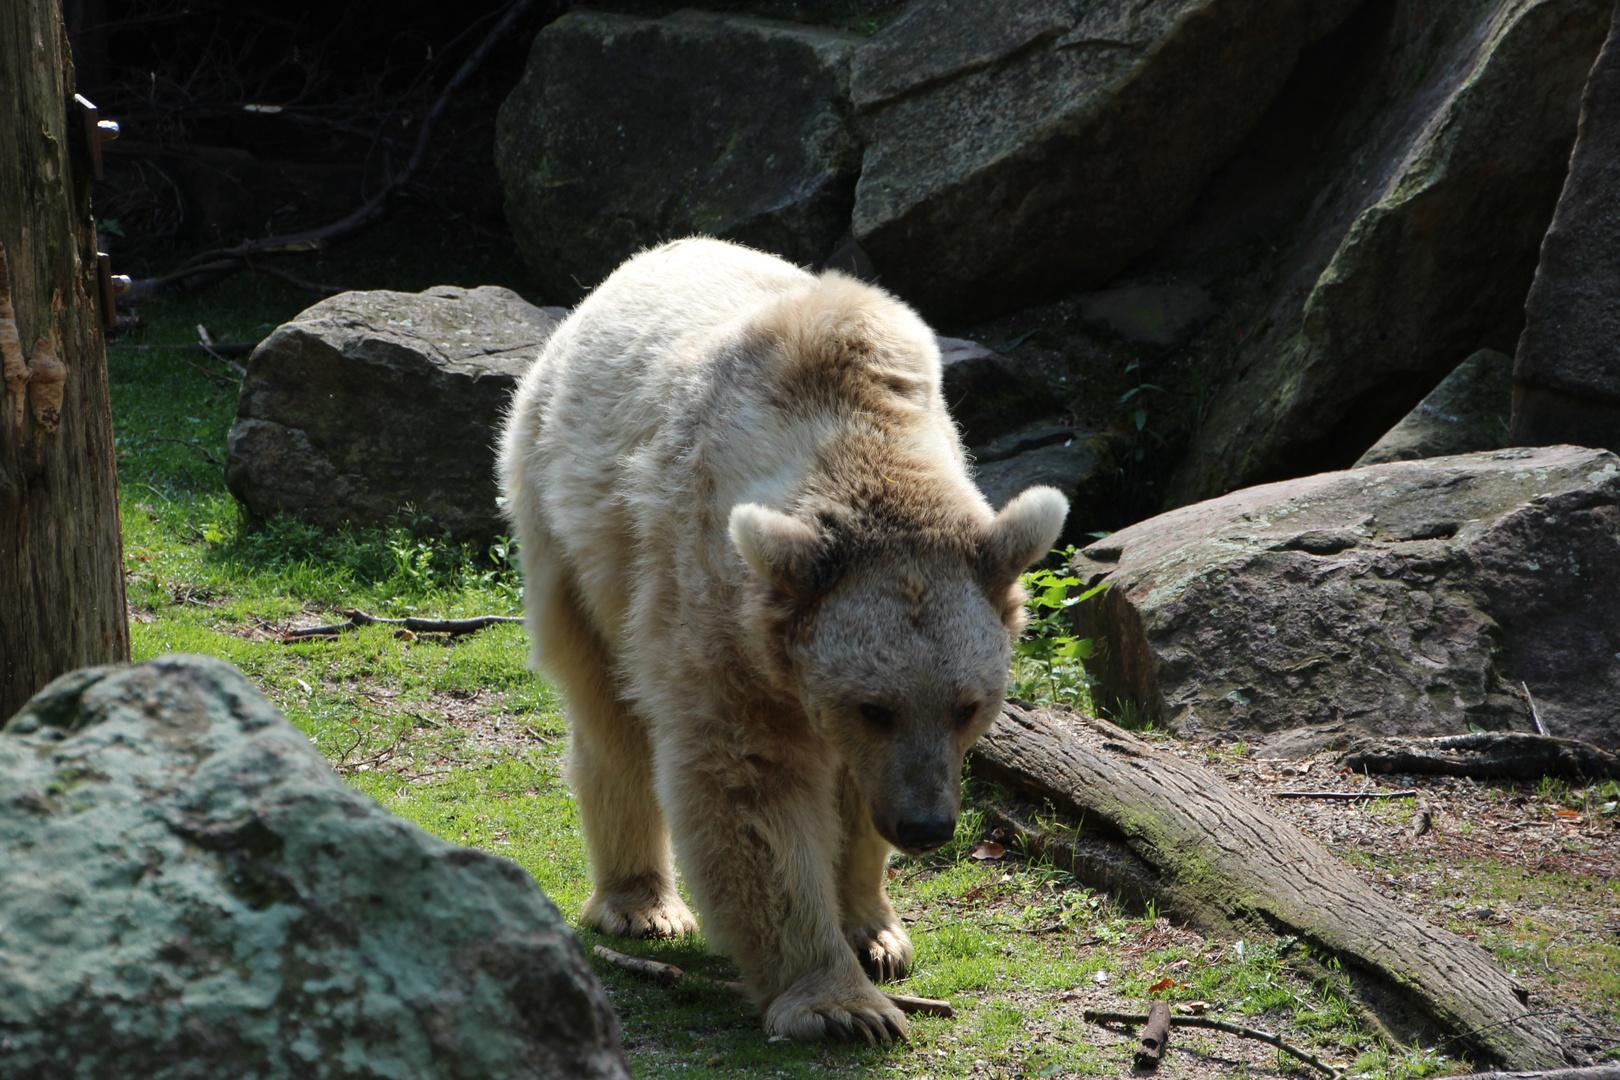 So ein Bärenleben ist anstrengend